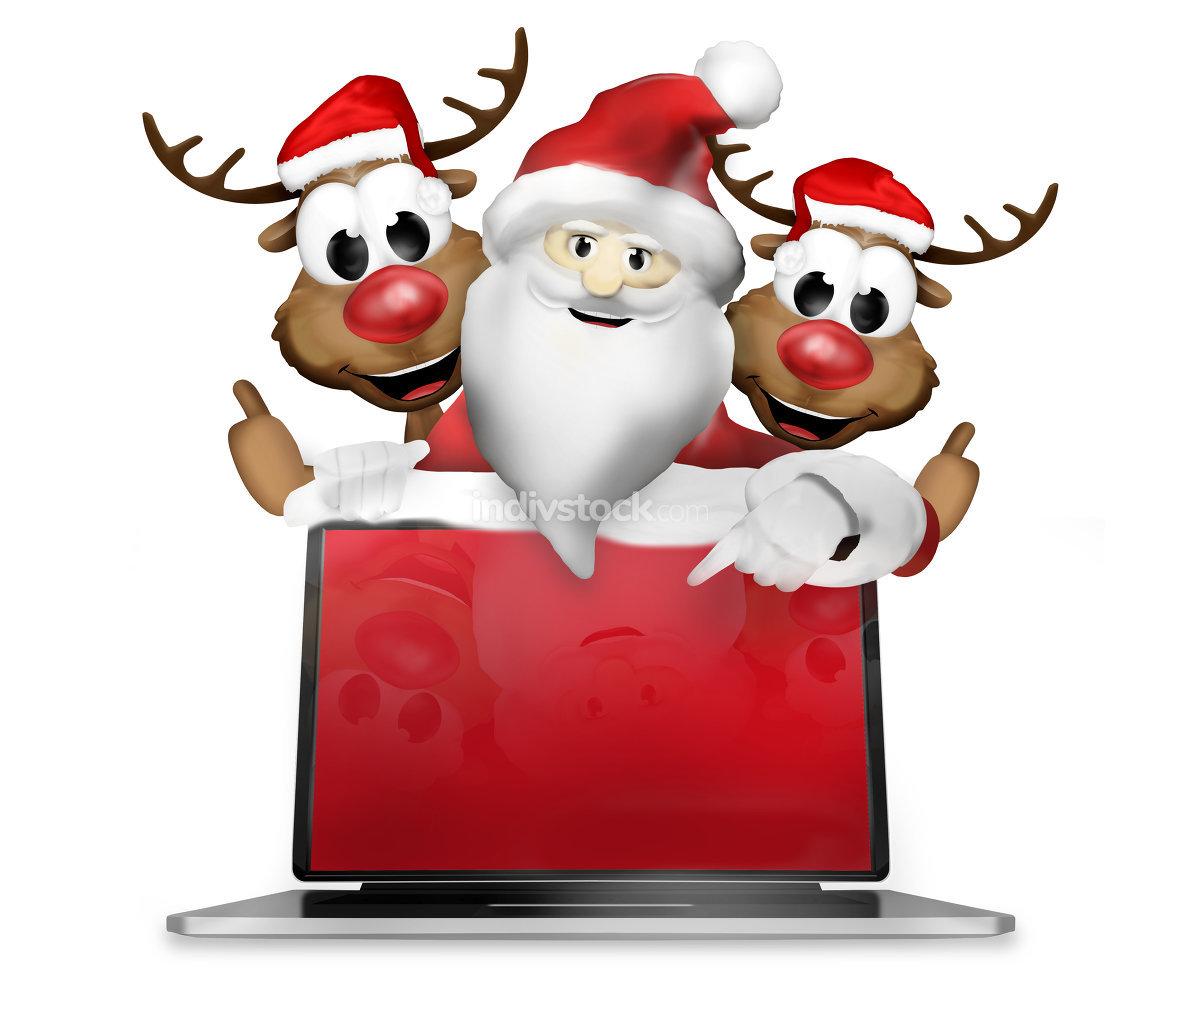 Christmas Festive Feeling